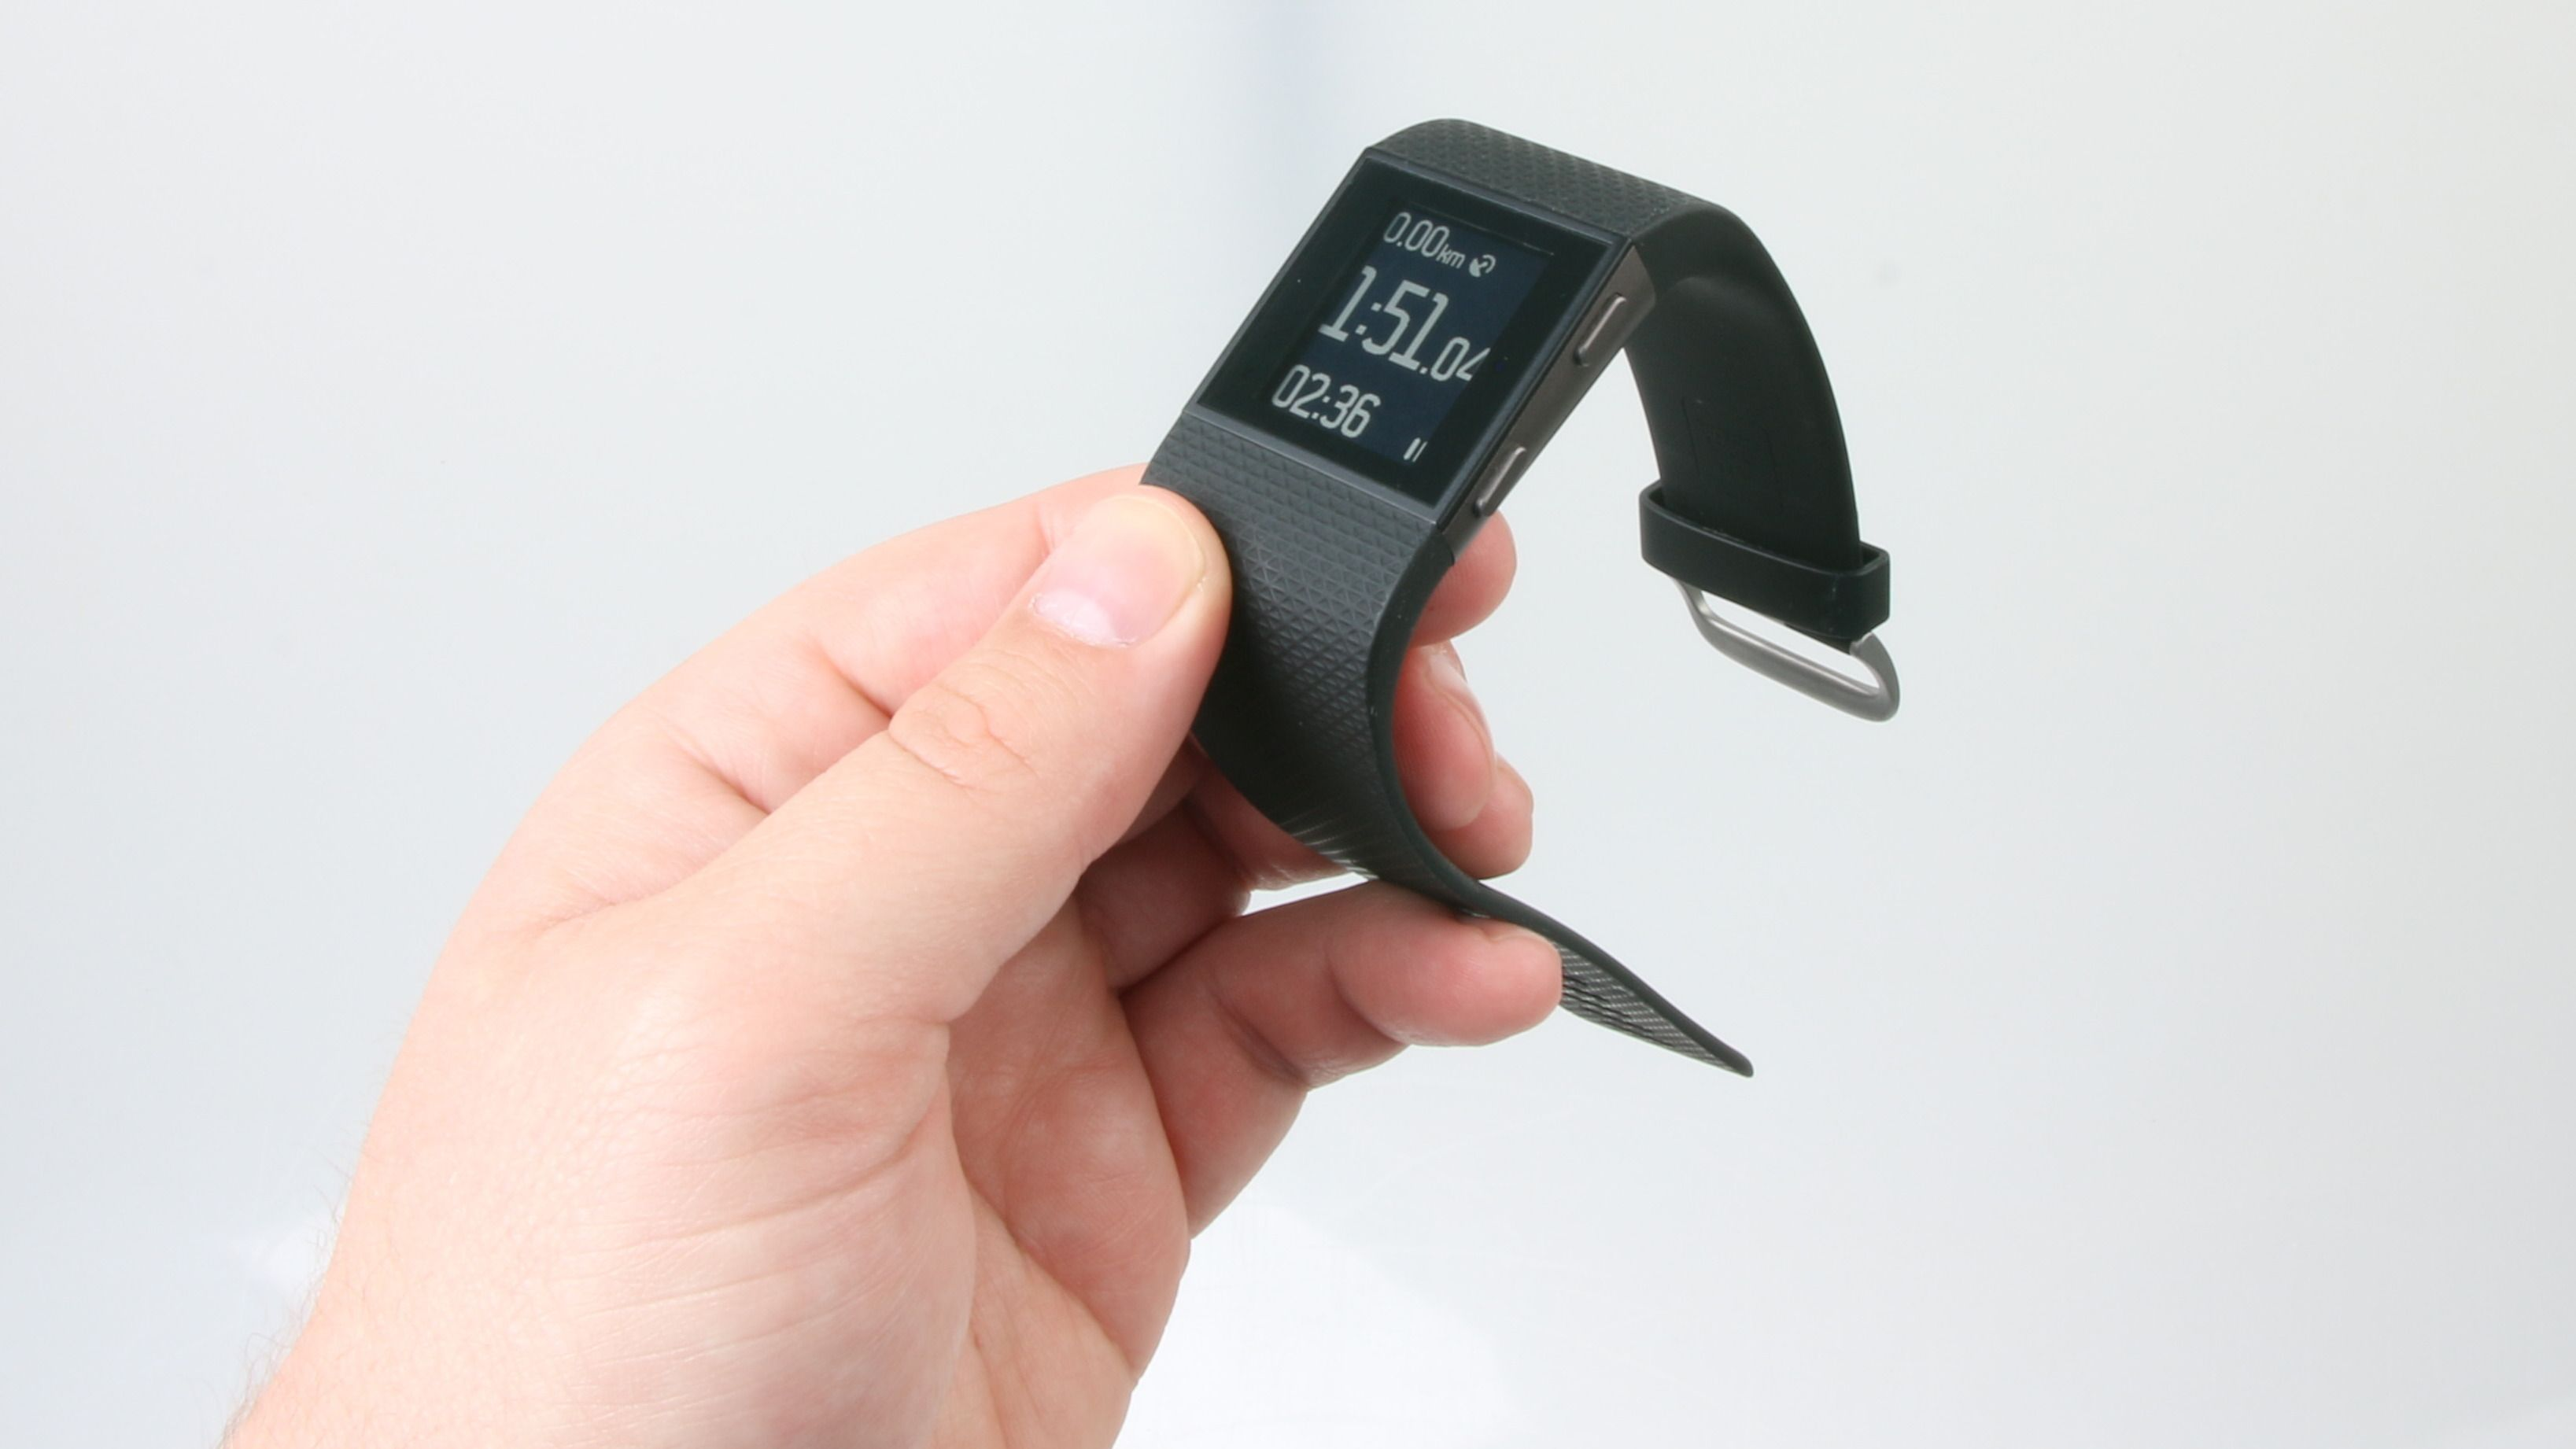 Fitbit Surge er enkel å bruke. Foto: Ole Henrik Johansen / Tek.no